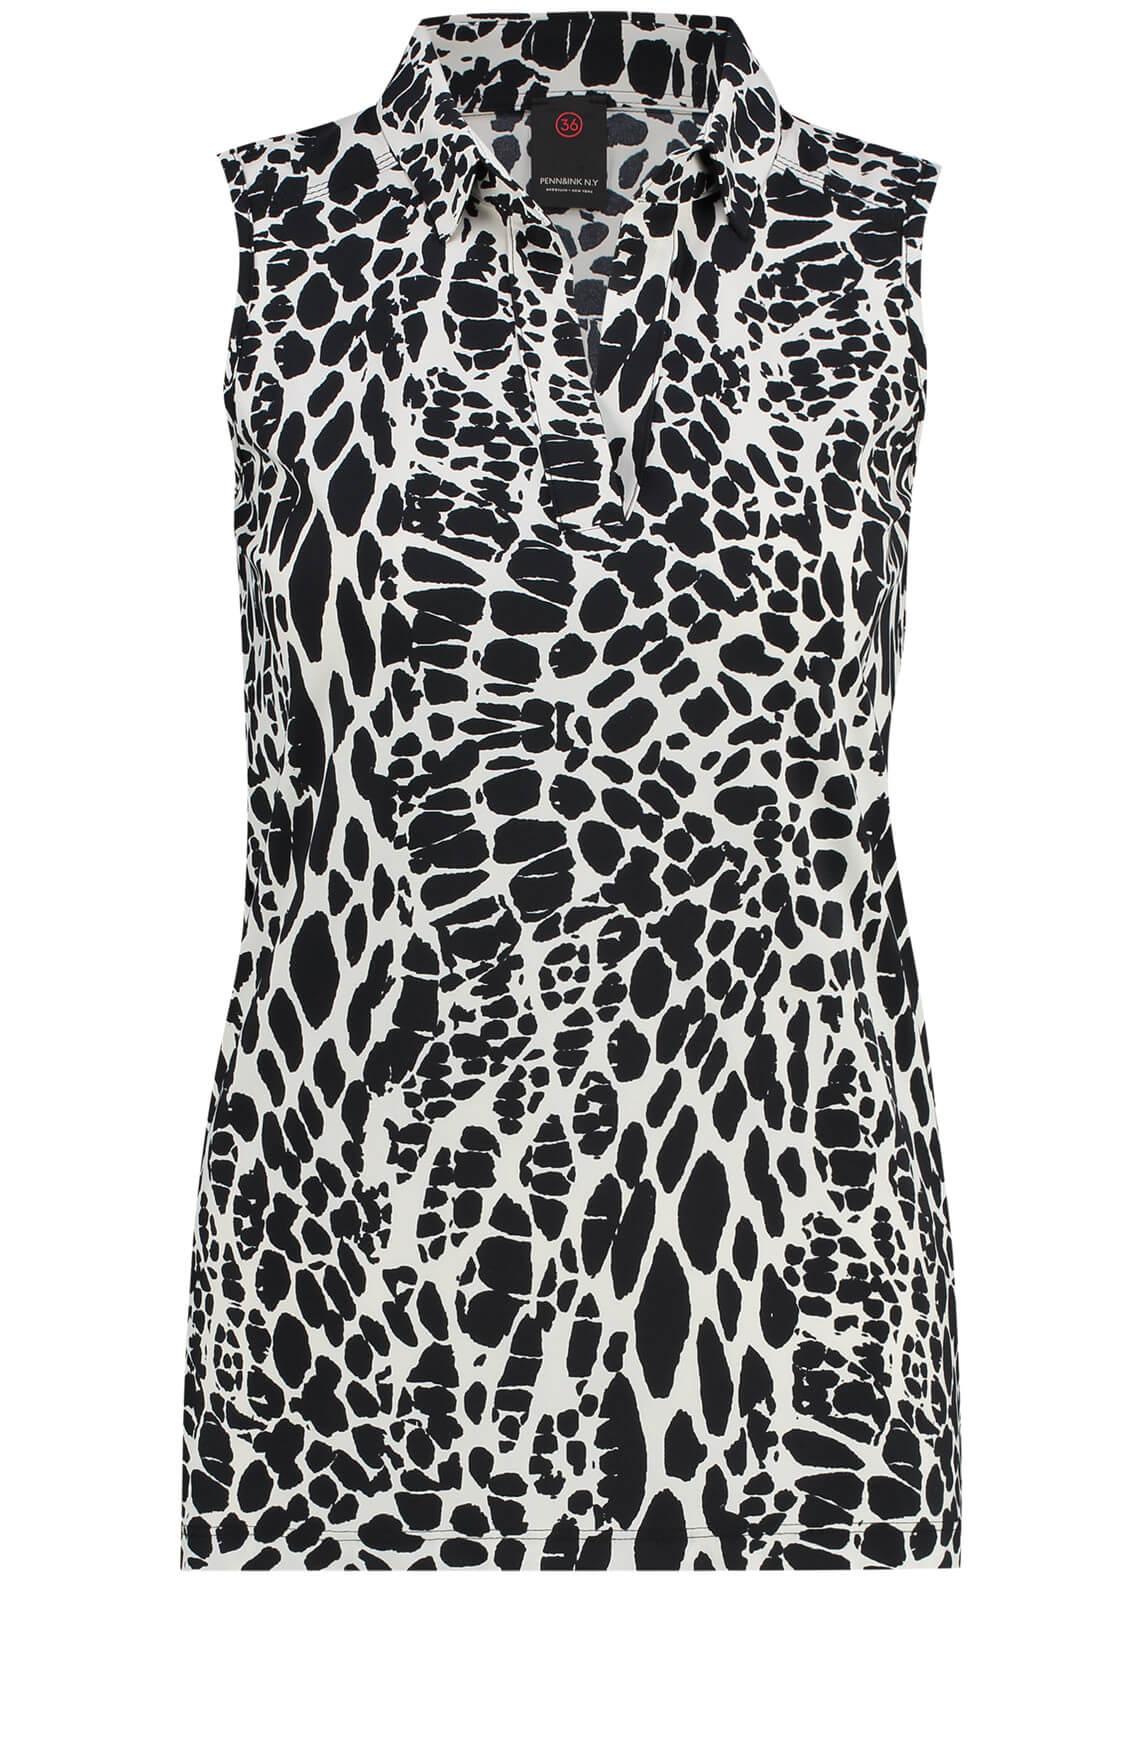 Penn & Ink Dames Mouwloze blouse met animalprint zwart